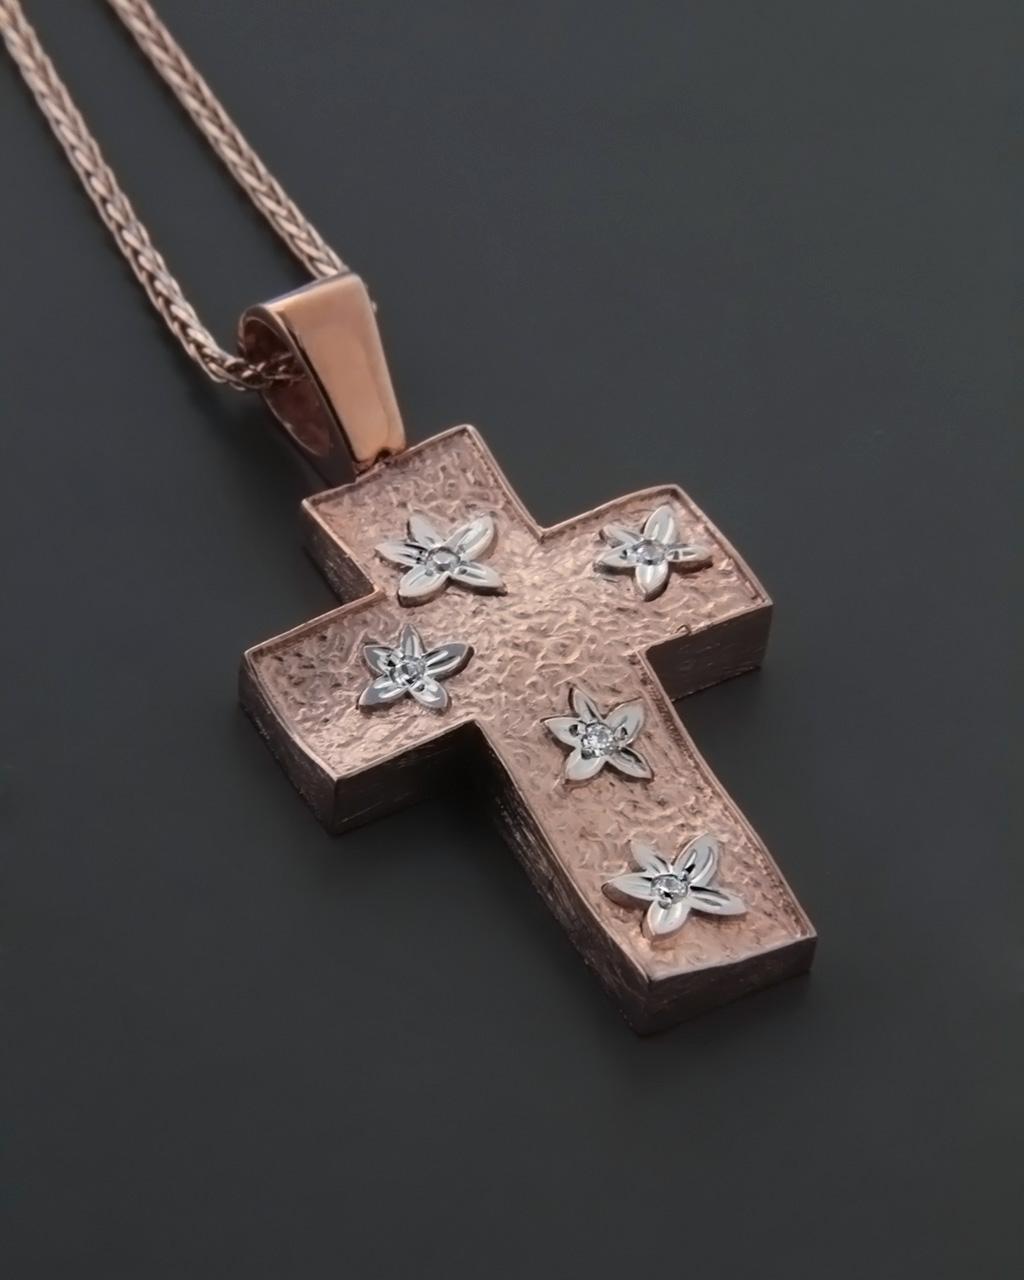 Σταυρός βαπτιστικός ροζ χρυσός & λευκόχρυσος Κ14 με Ζιργκόν   γυναικα σταυροί σταυροί ροζ χρυσό